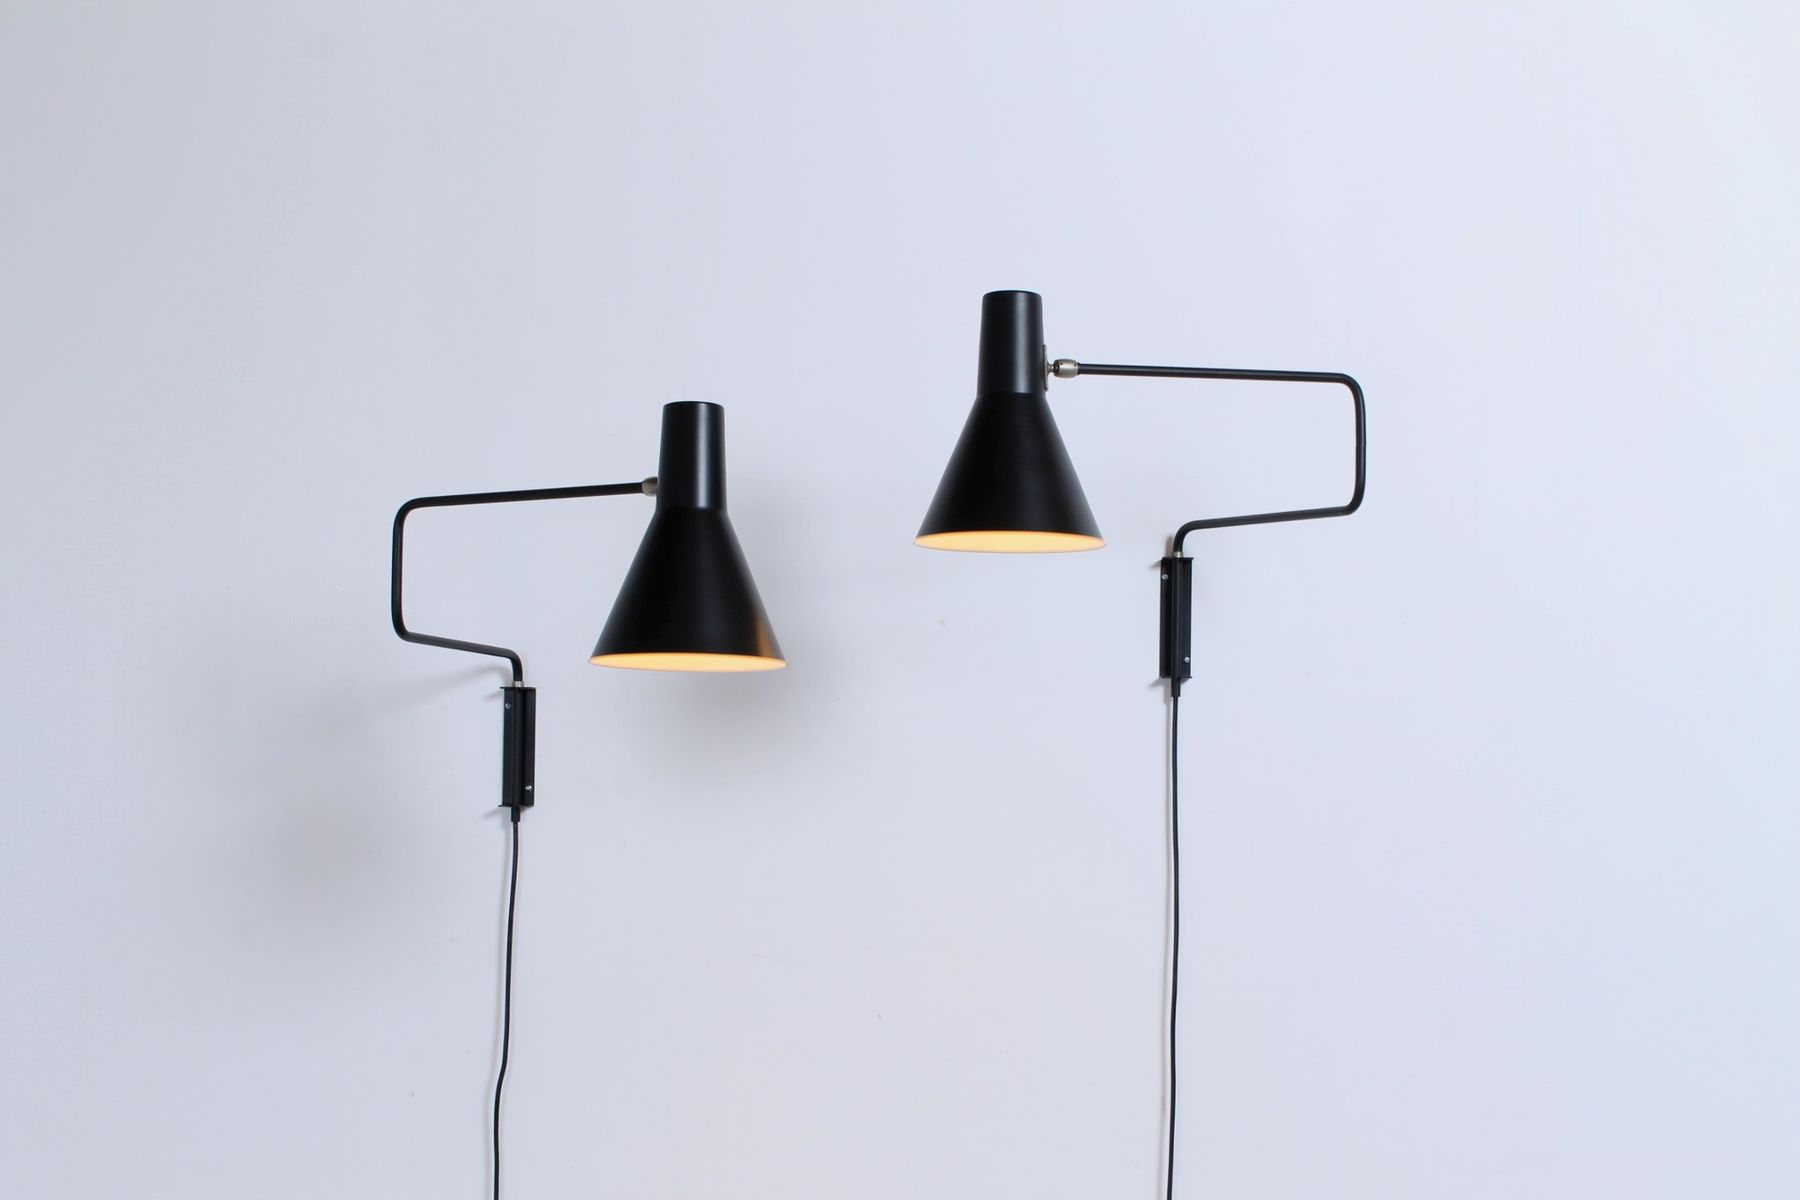 Schwarze 71-01 Wandlampen in Büroklammer-Optik von J. J. M. Hoogervors...